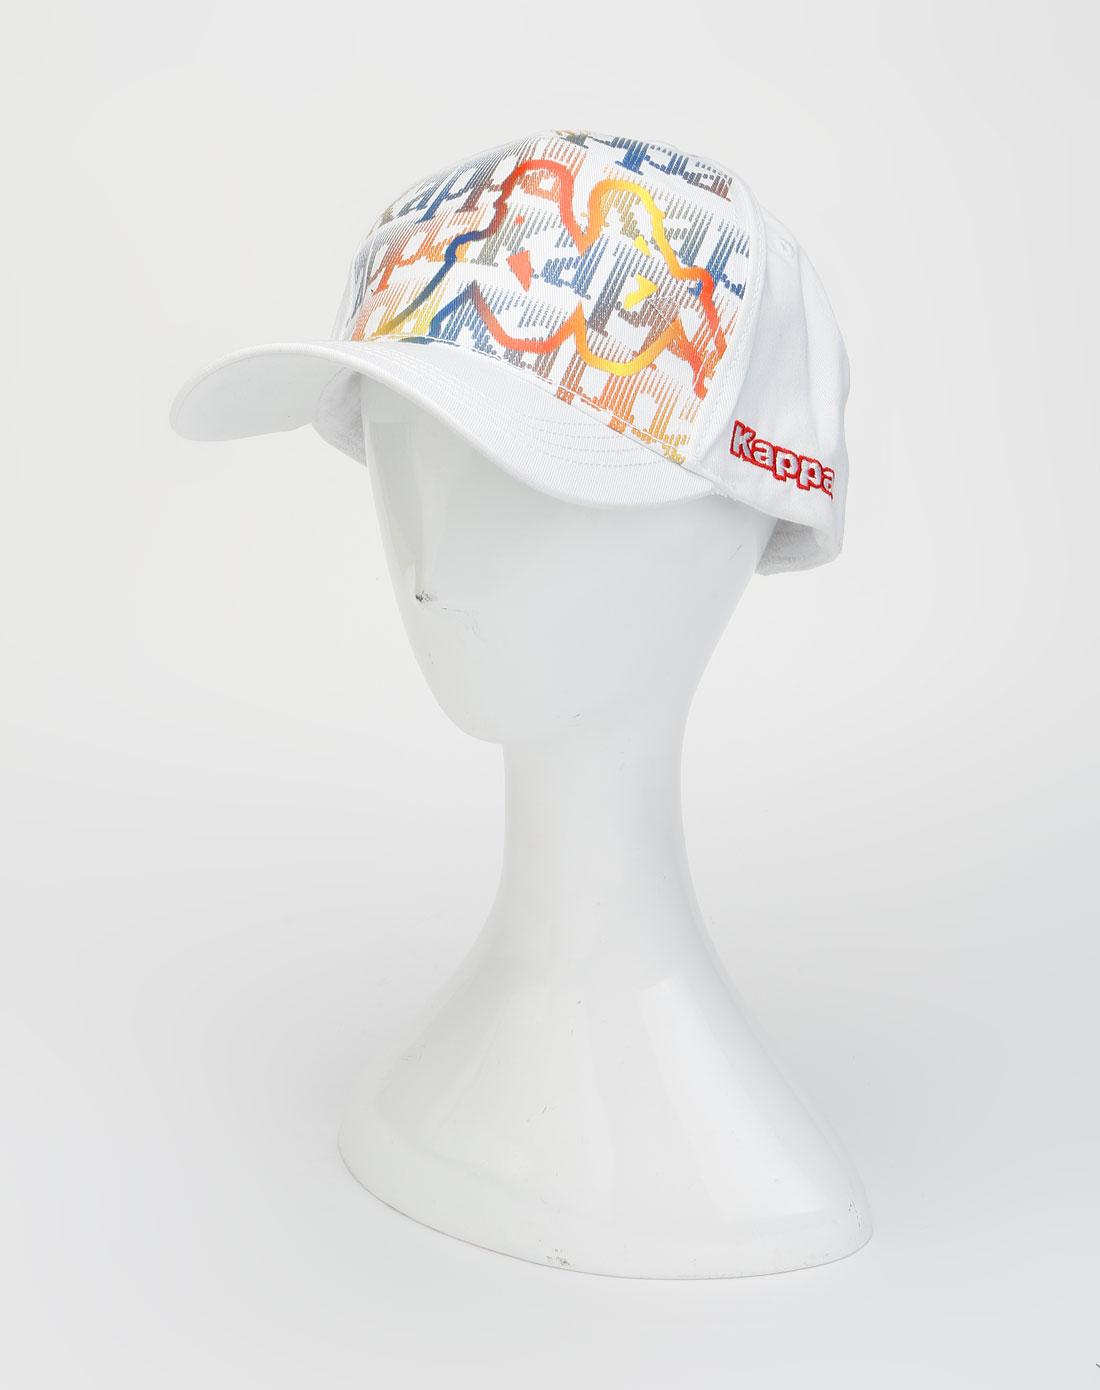 卡帕kappa男装-白色时尚简约鸭舌帽